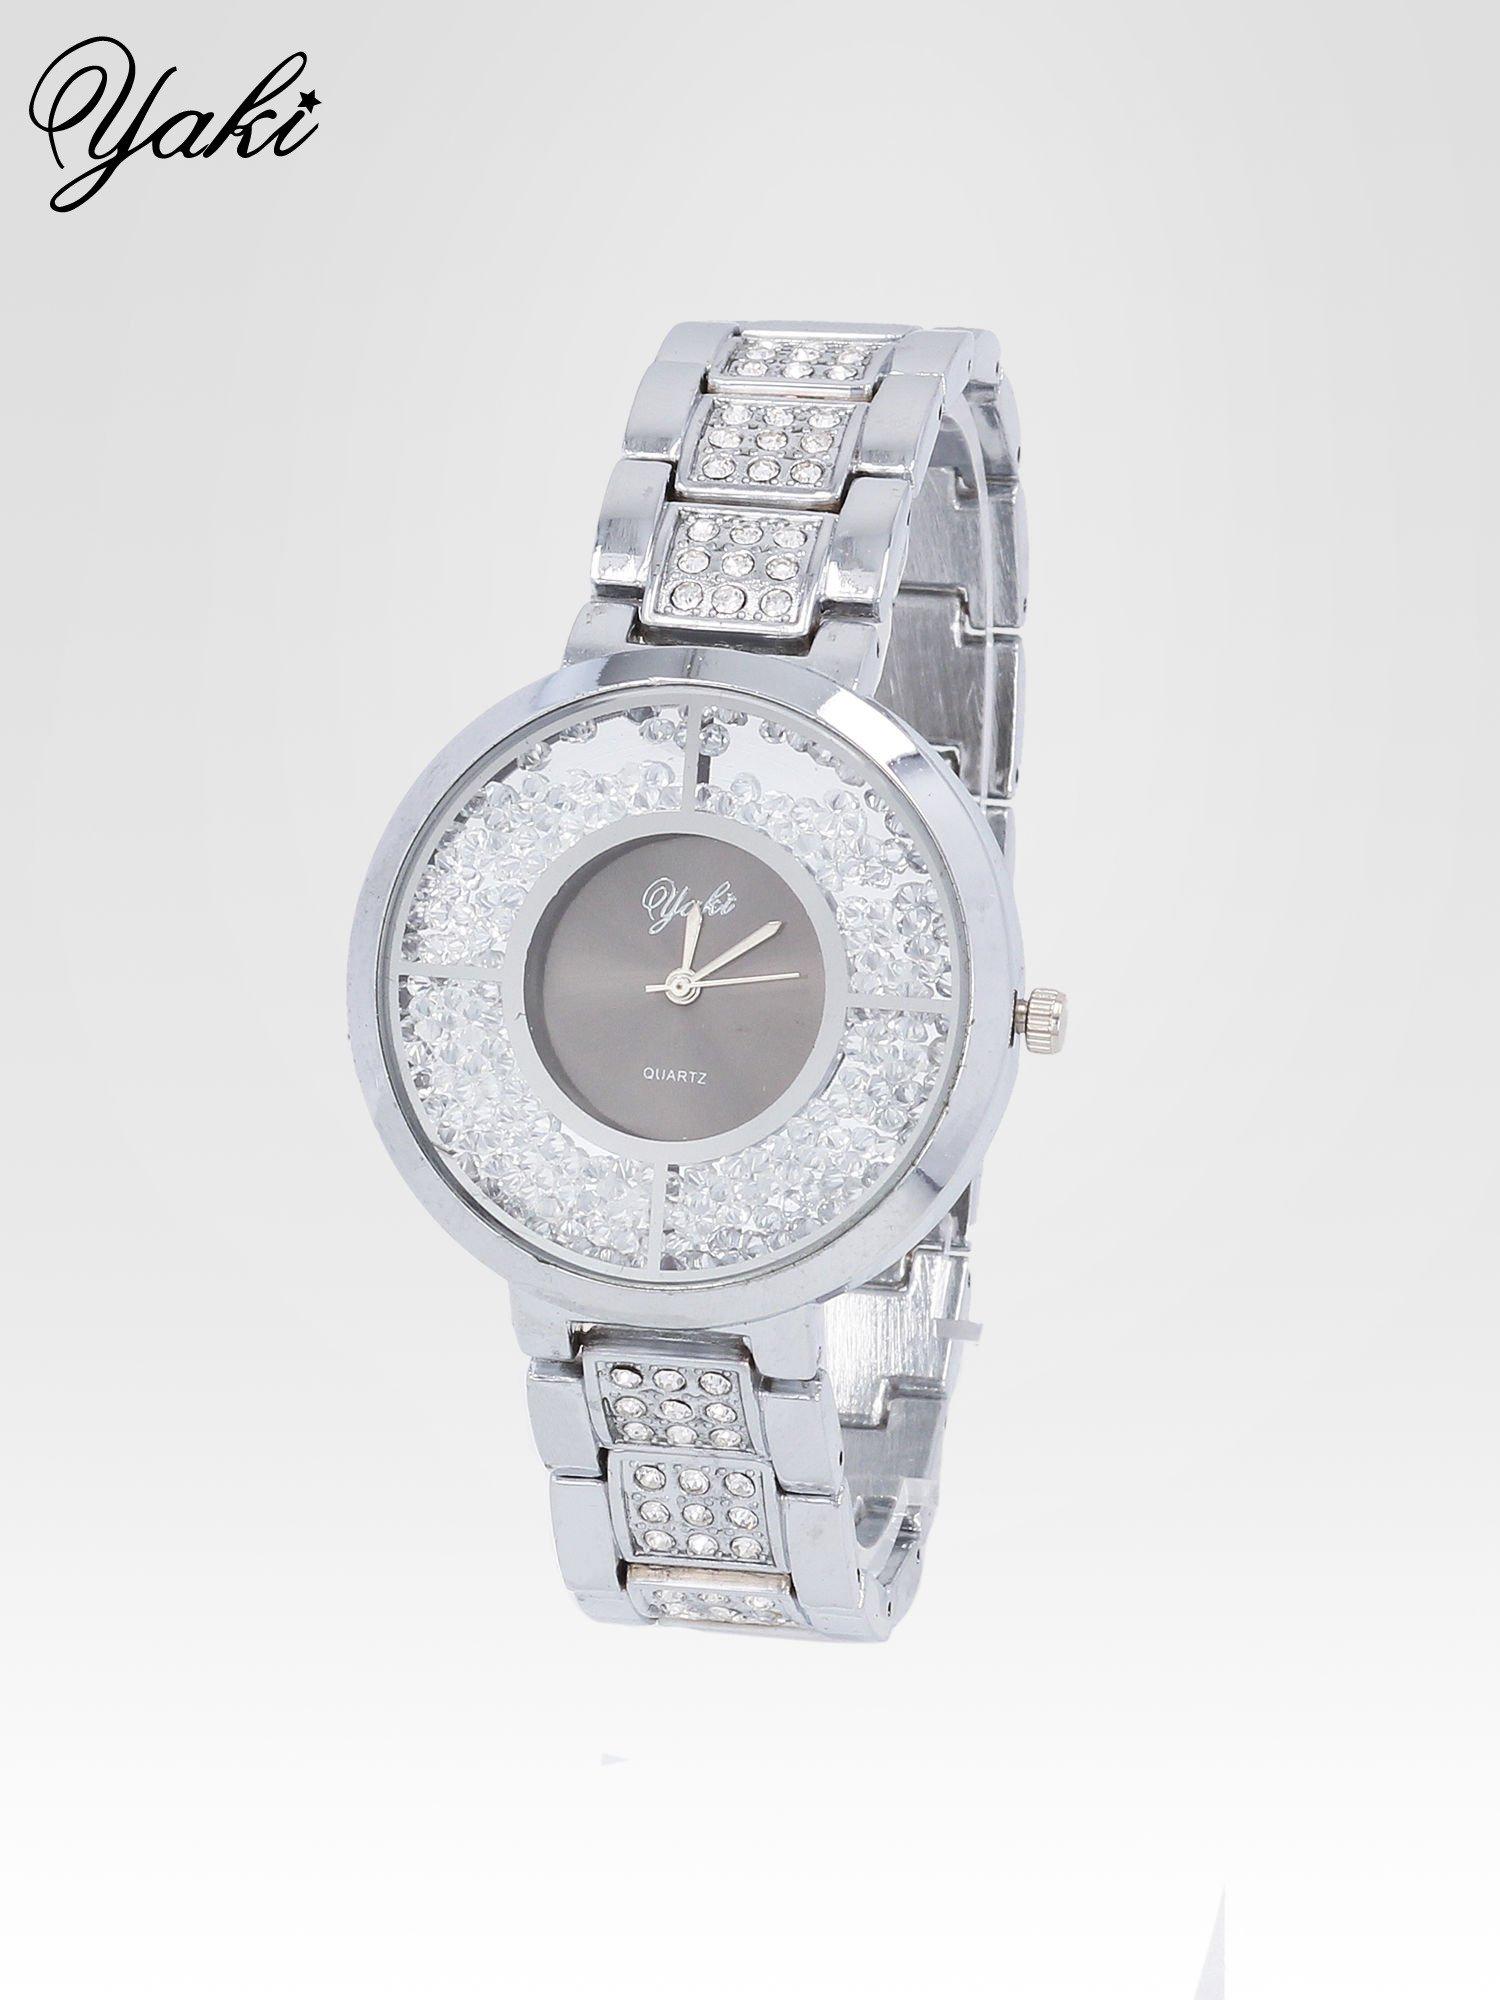 Srebrny zegarek damski na bransolecie z czarną cyrkoniową tarczą                                  zdj.                                  2